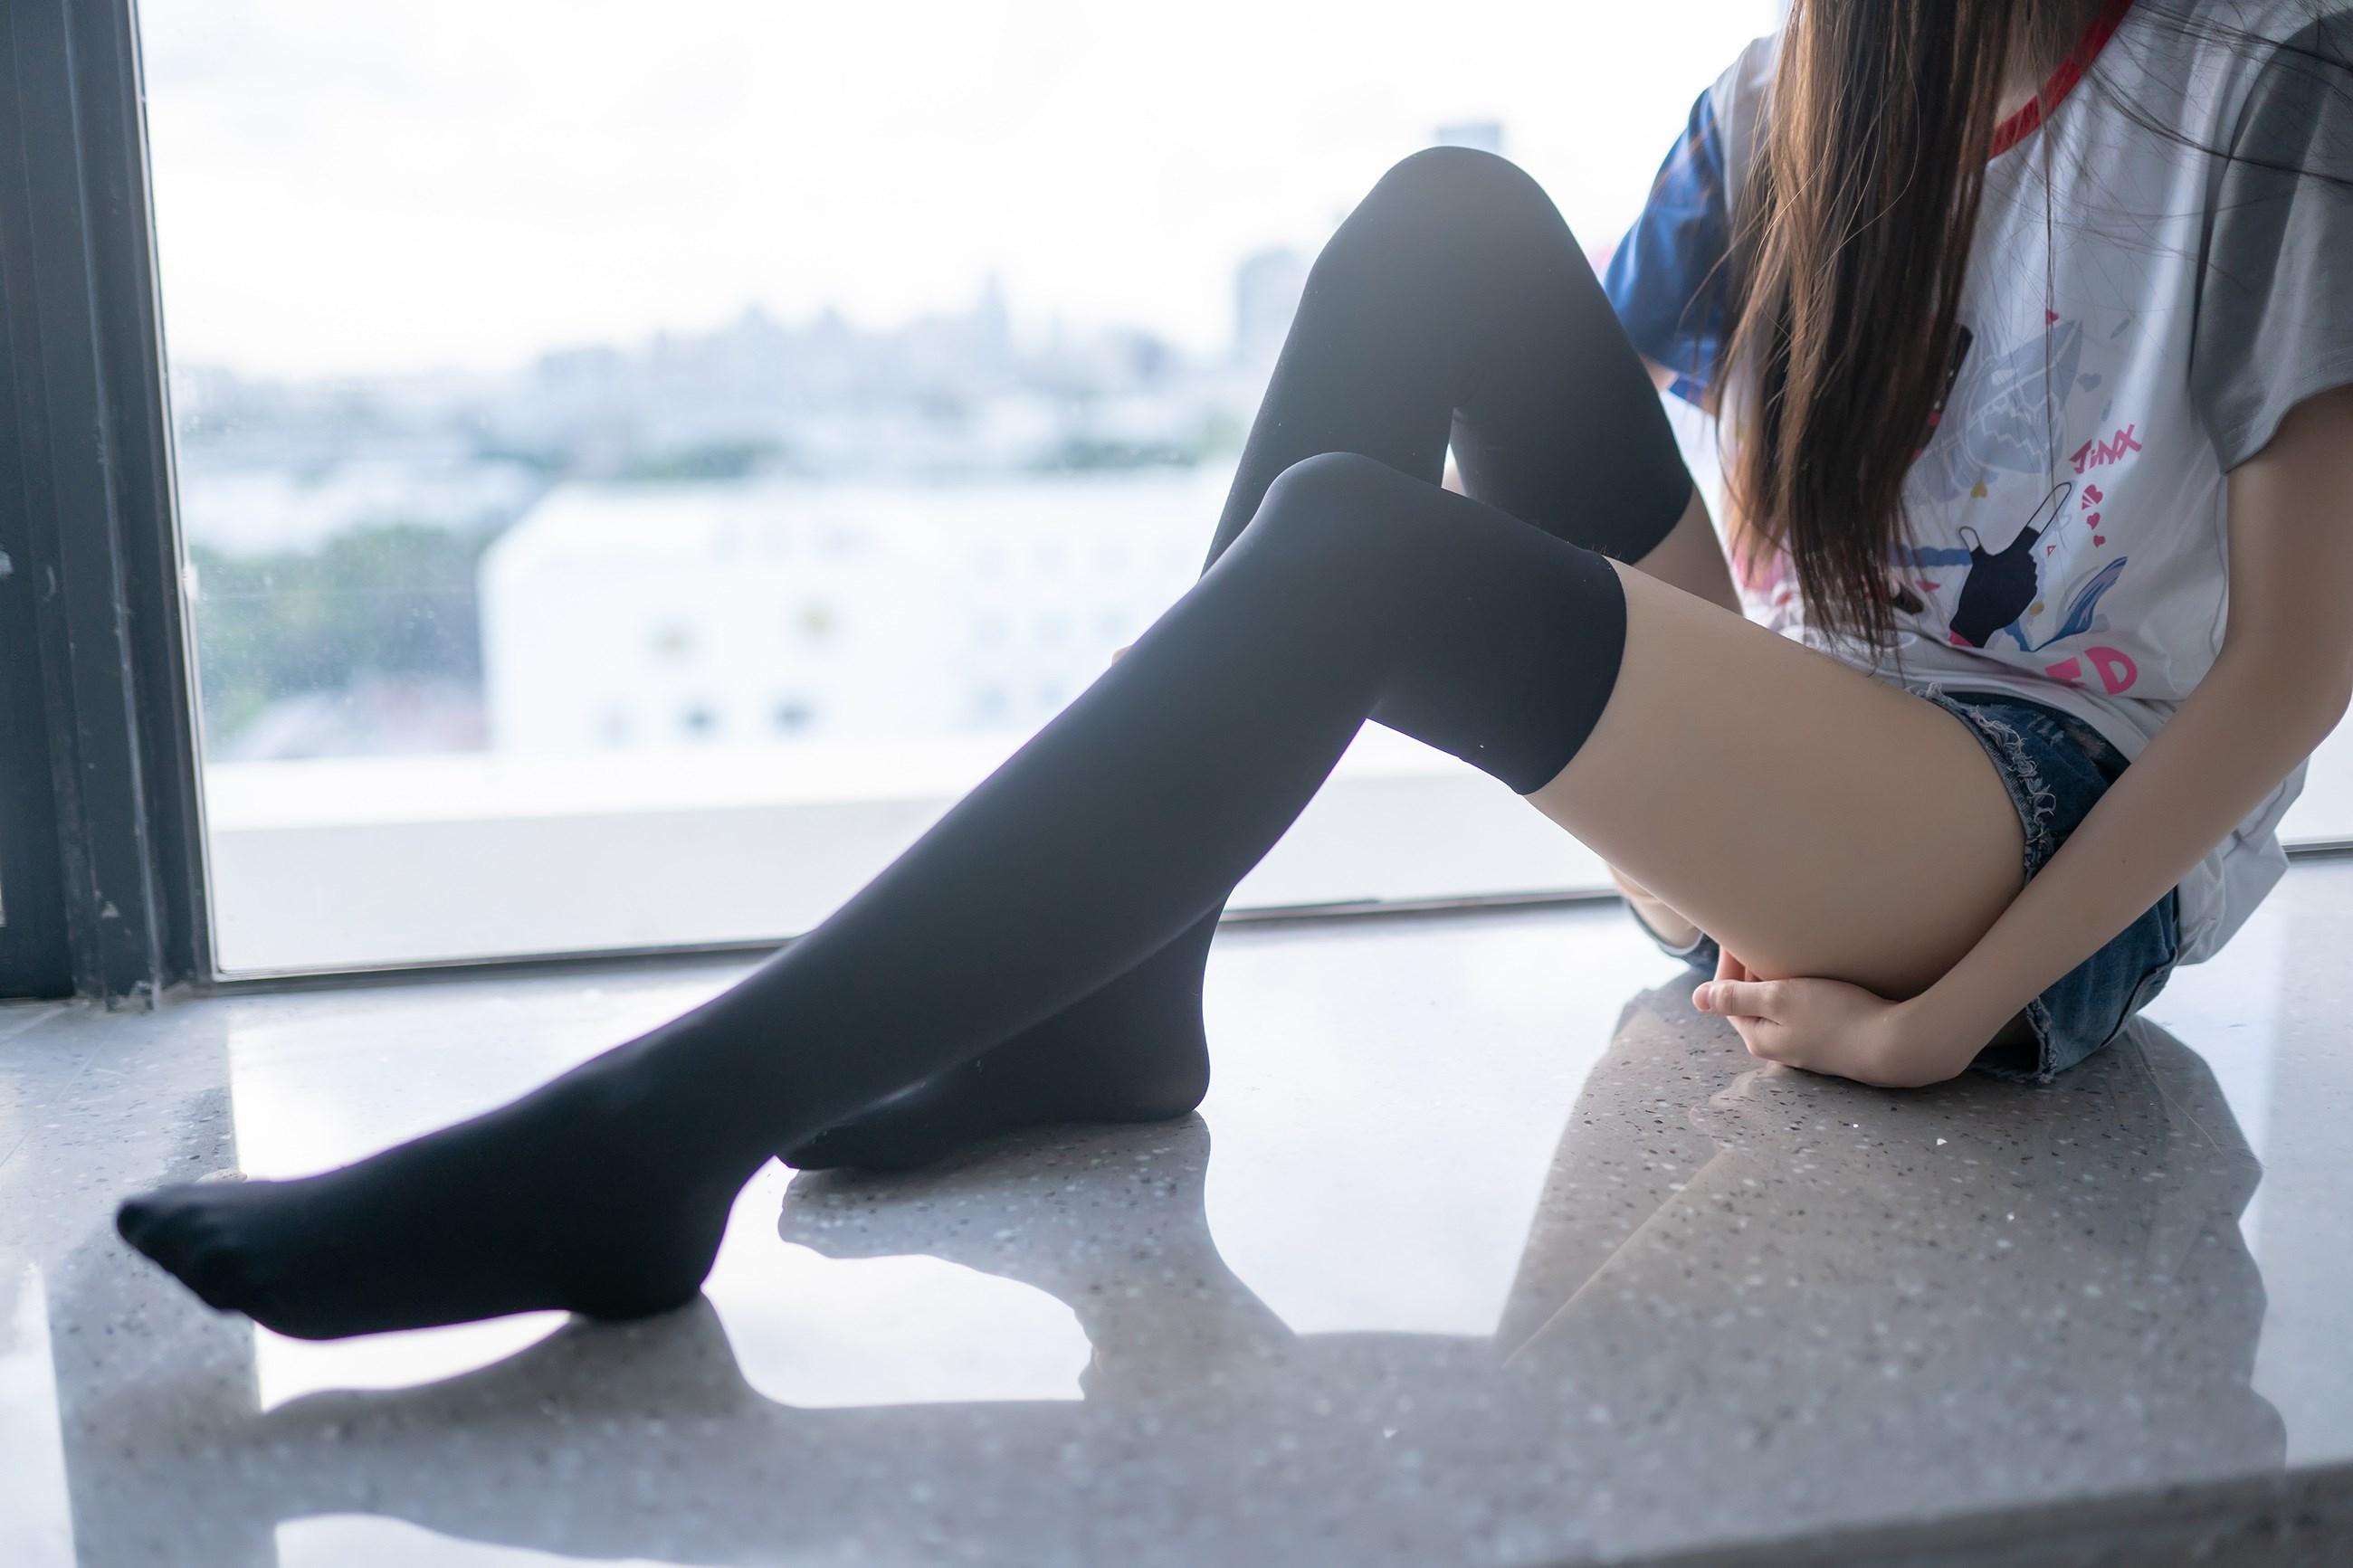 【兔玩映画】黑色半筒袜 兔玩映画 第20张